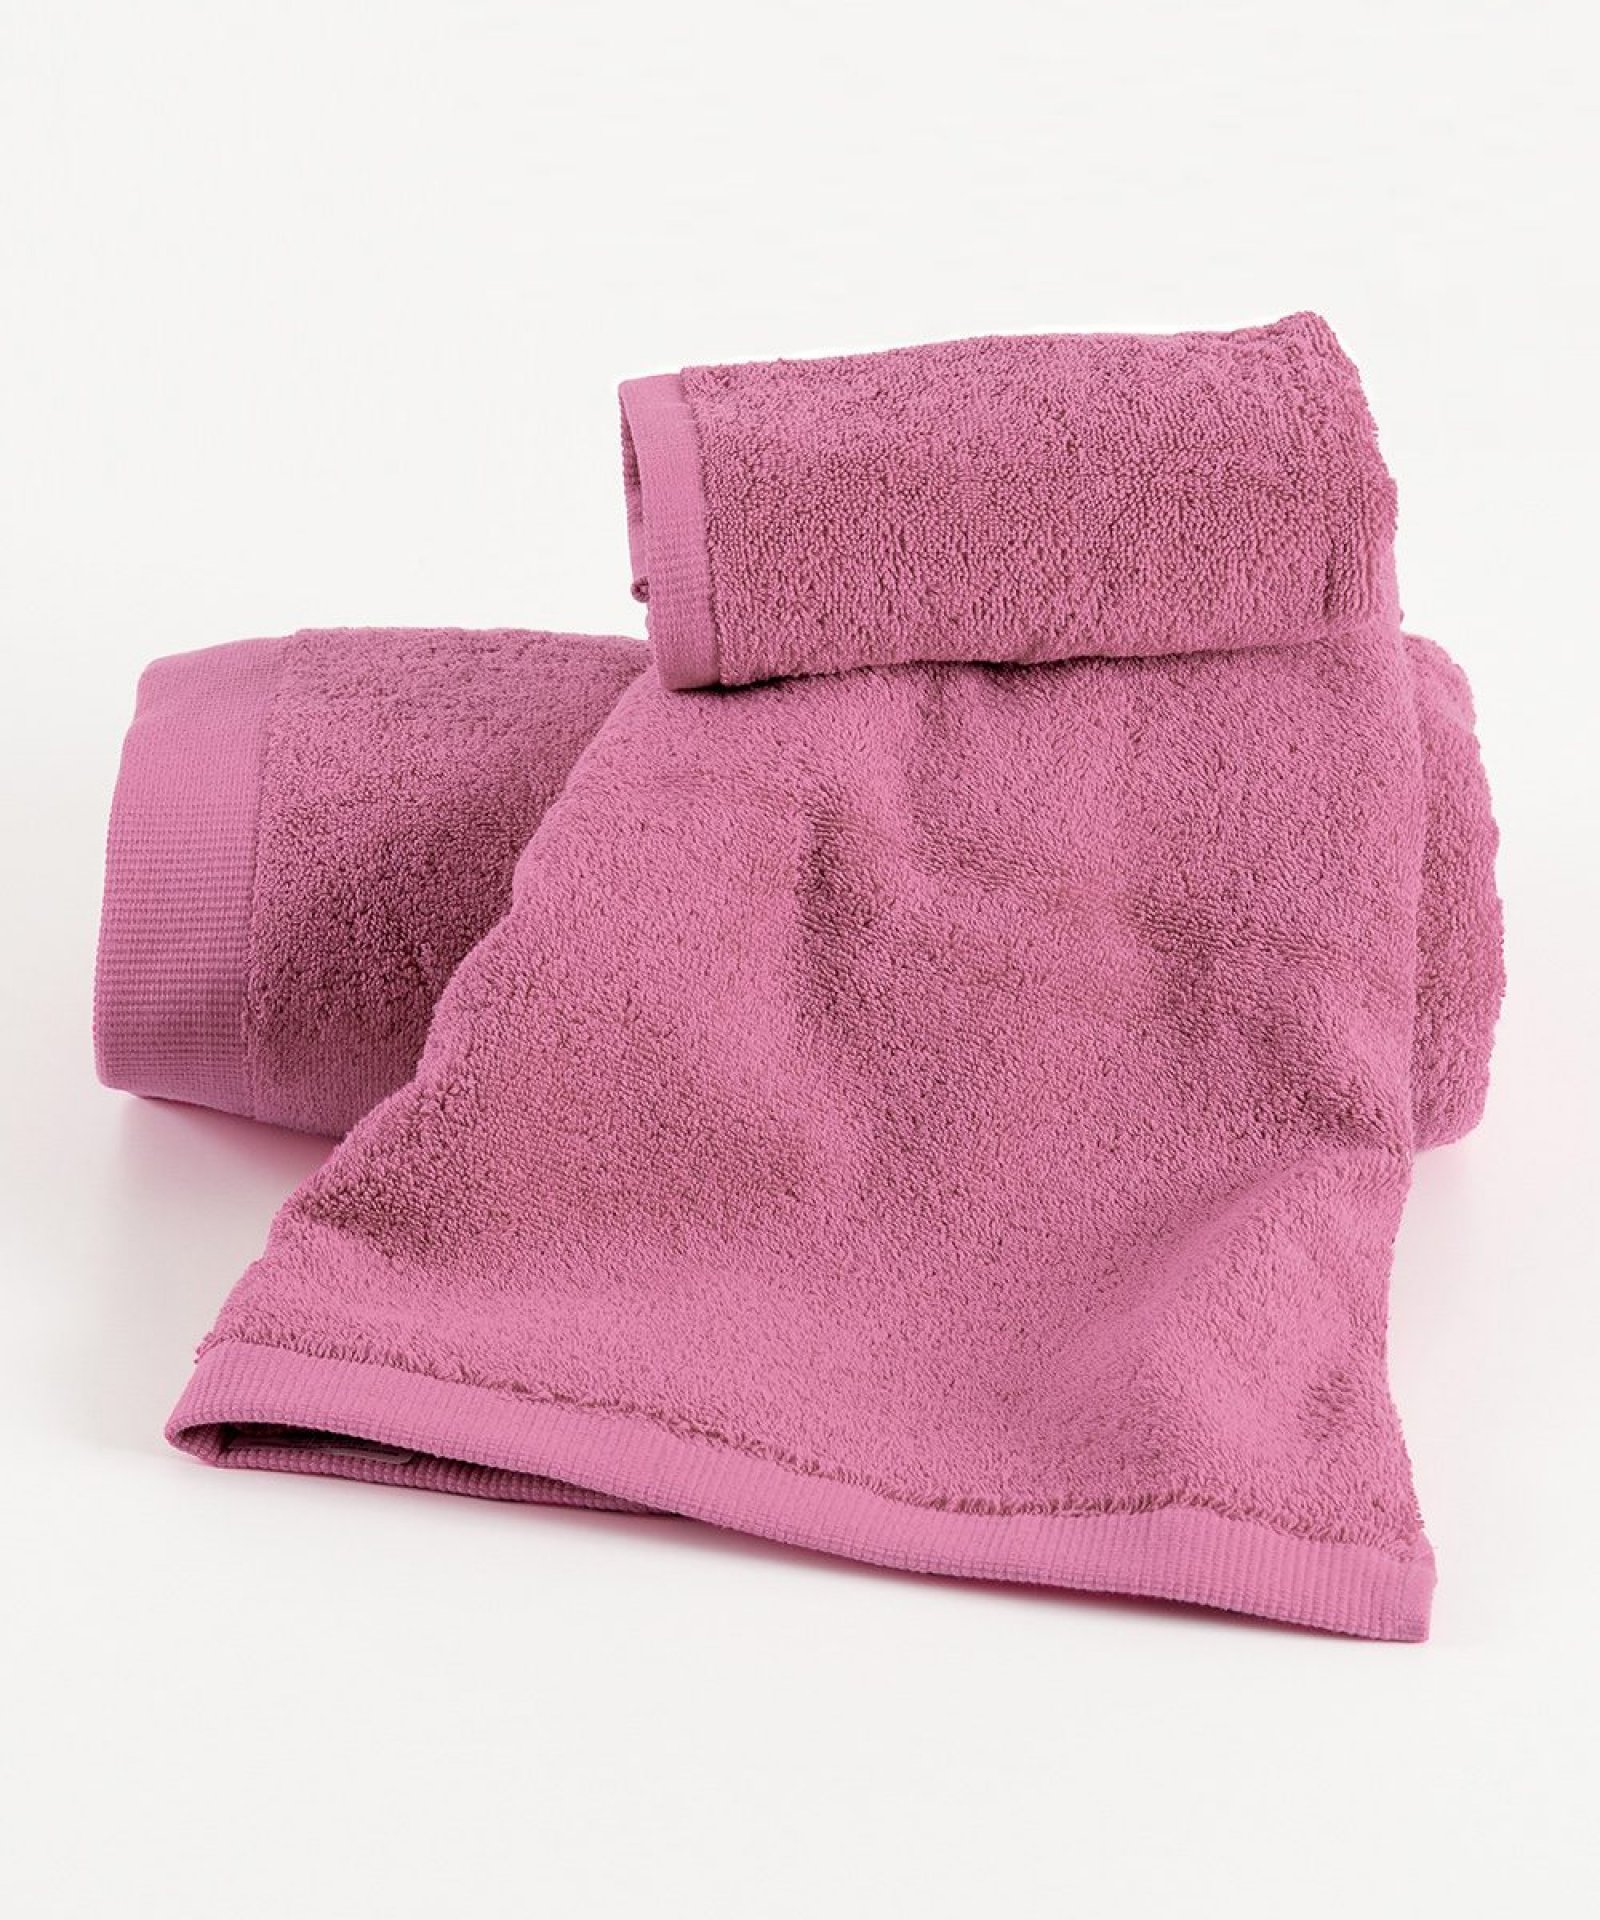 Πετσέτα χεριών BRAND WINE (40Χ60), KENTIA μπανιο   πετσέτες mπάνιου